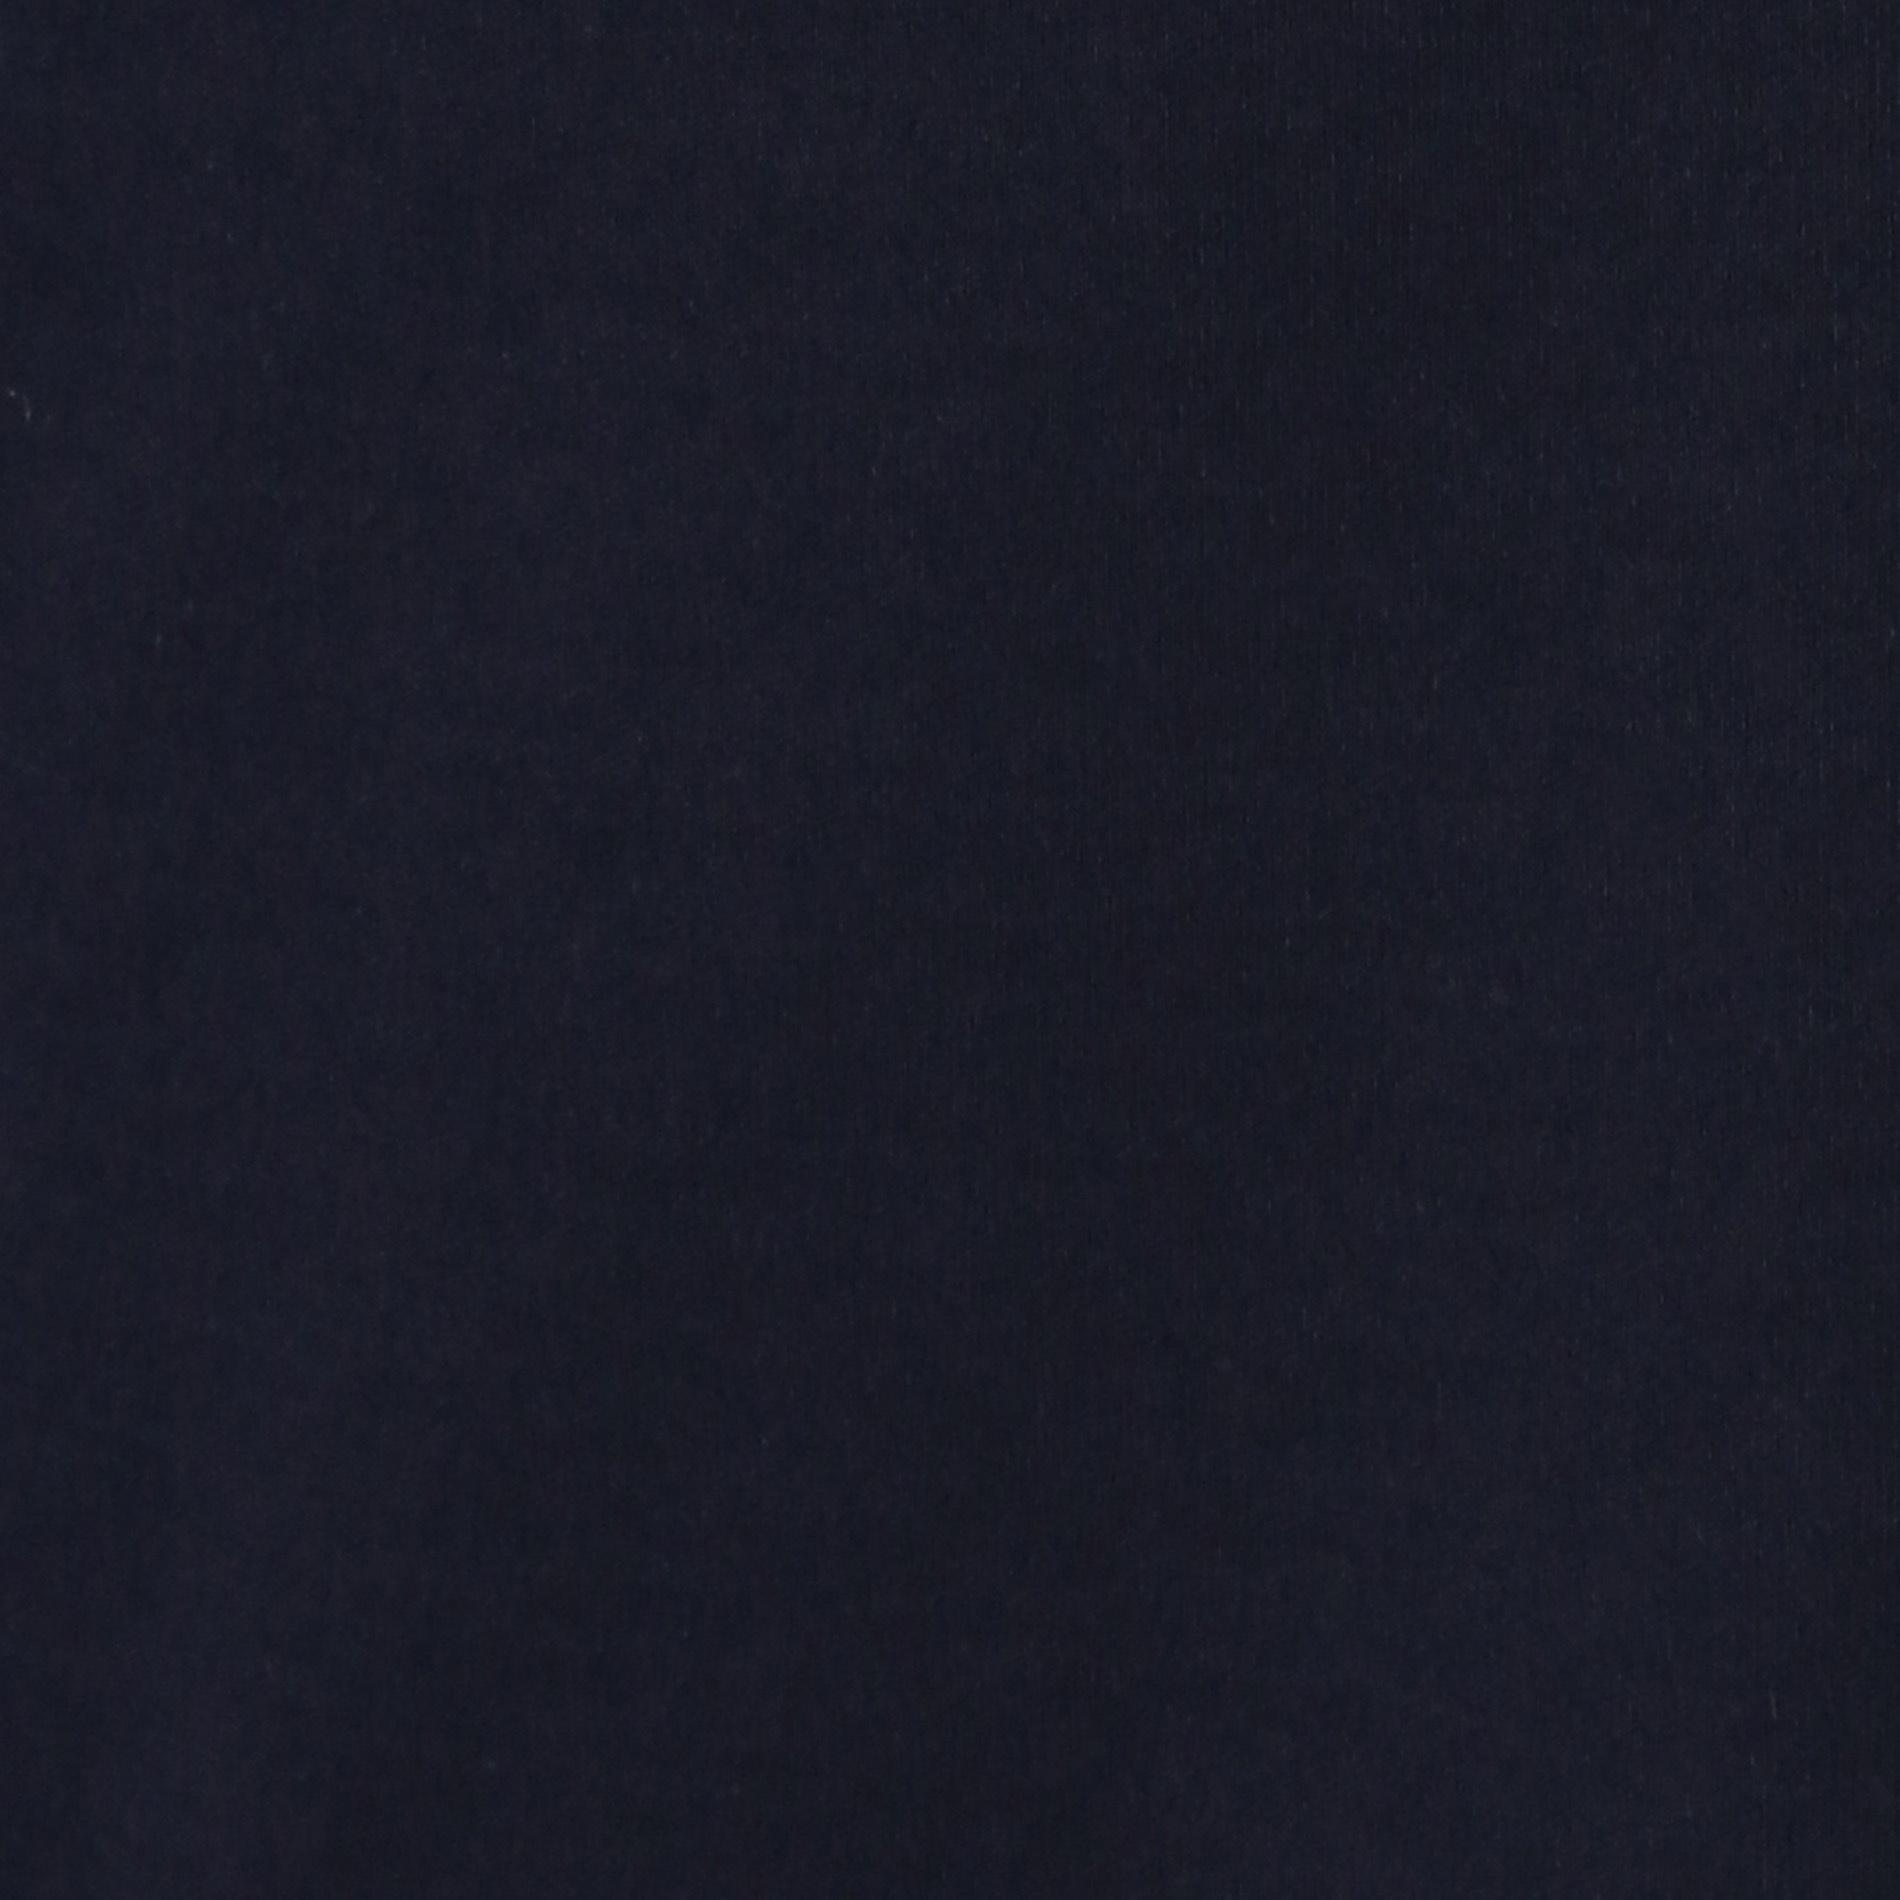 【SUPER FINE LAB.】パウダーシュガーコットンパンツ